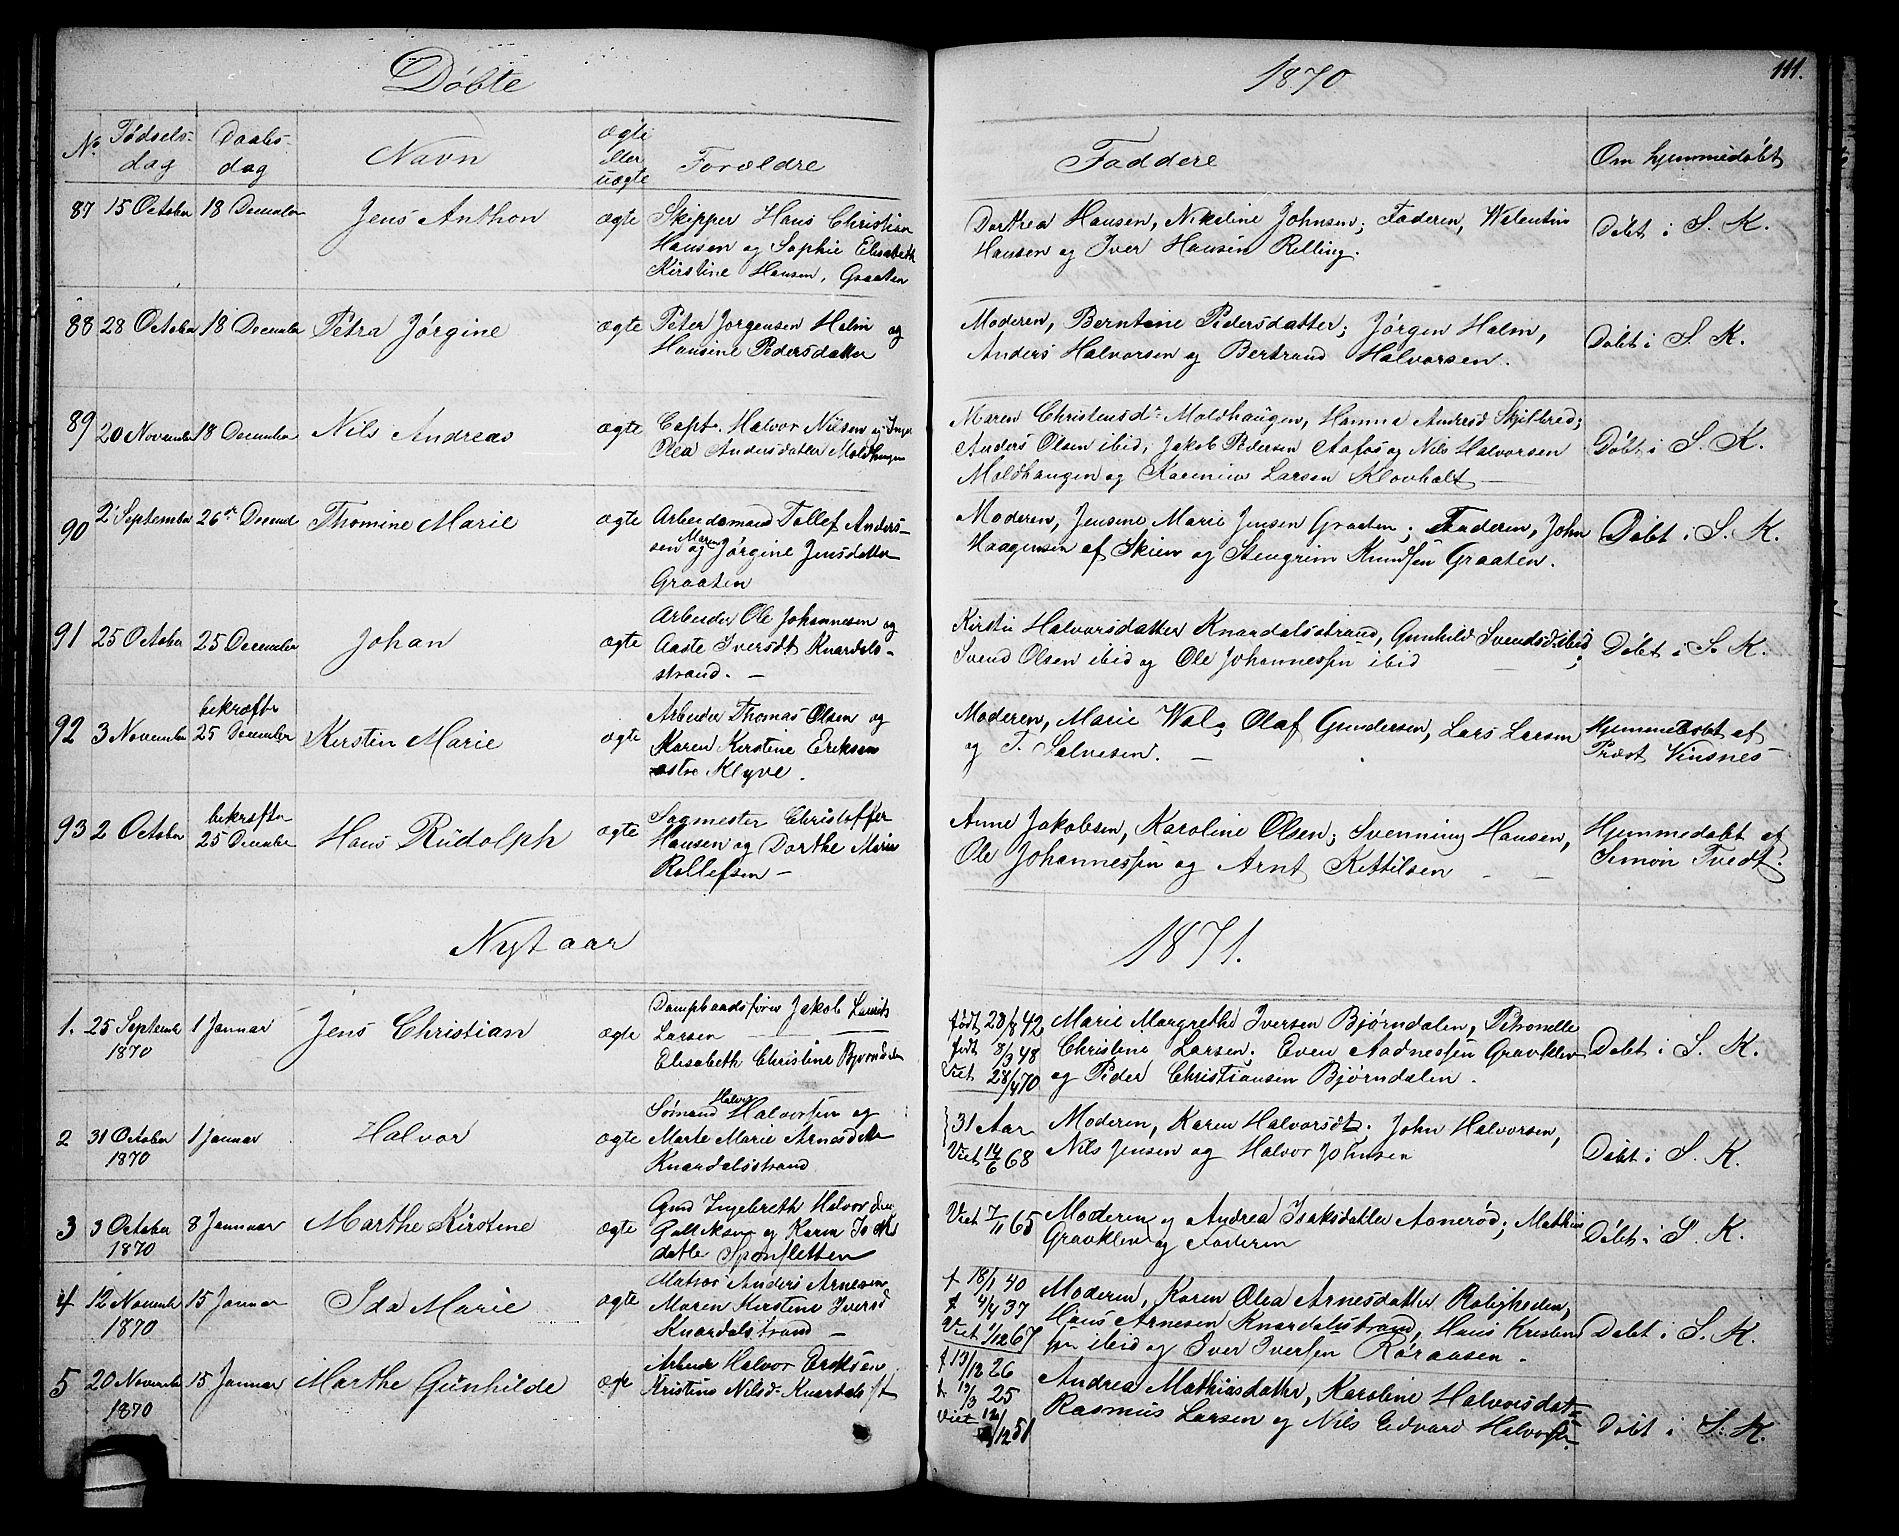 SAKO, Solum kirkebøker, G/Ga/L0004: Klokkerbok nr. I 4, 1859-1876, s. 111